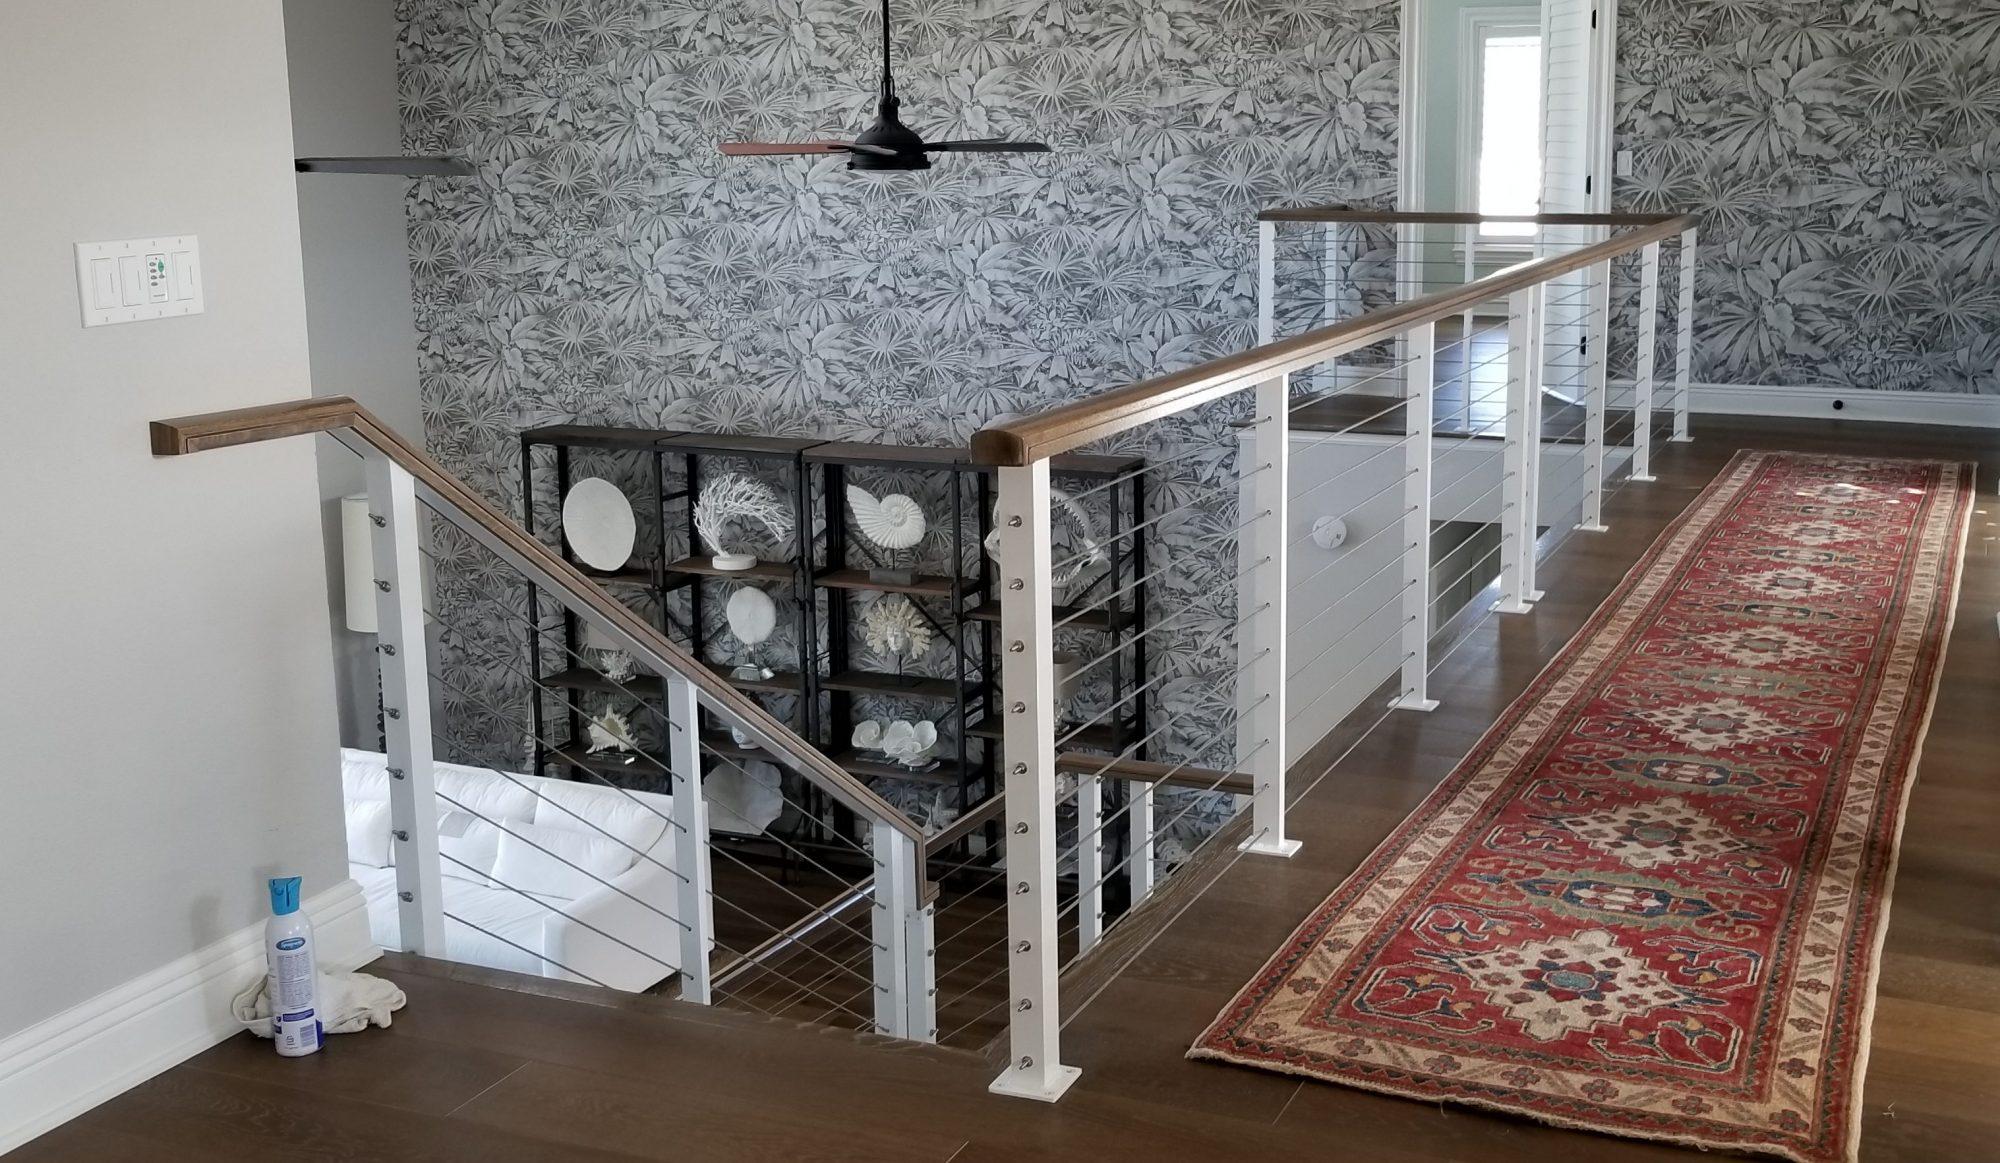 Argentum-Welding-Cable-railings-St-Pete-Florida-1-e1568240989106